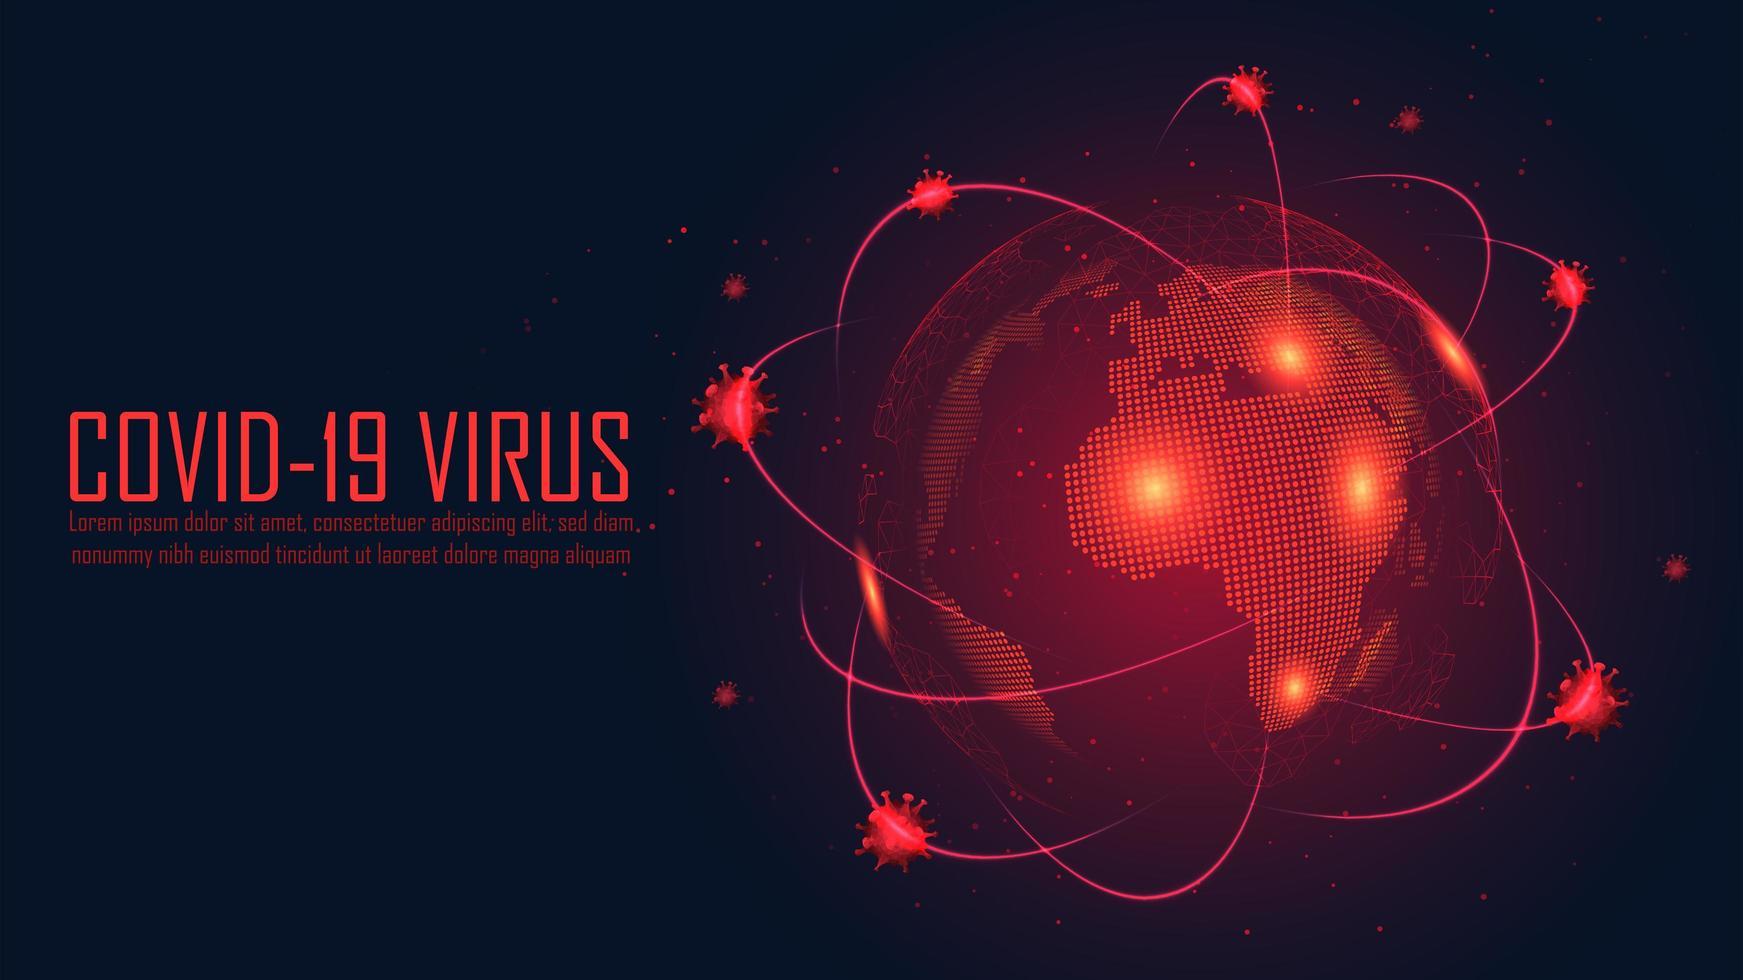 cartaz vermelho brilhante com design de surto global vetor